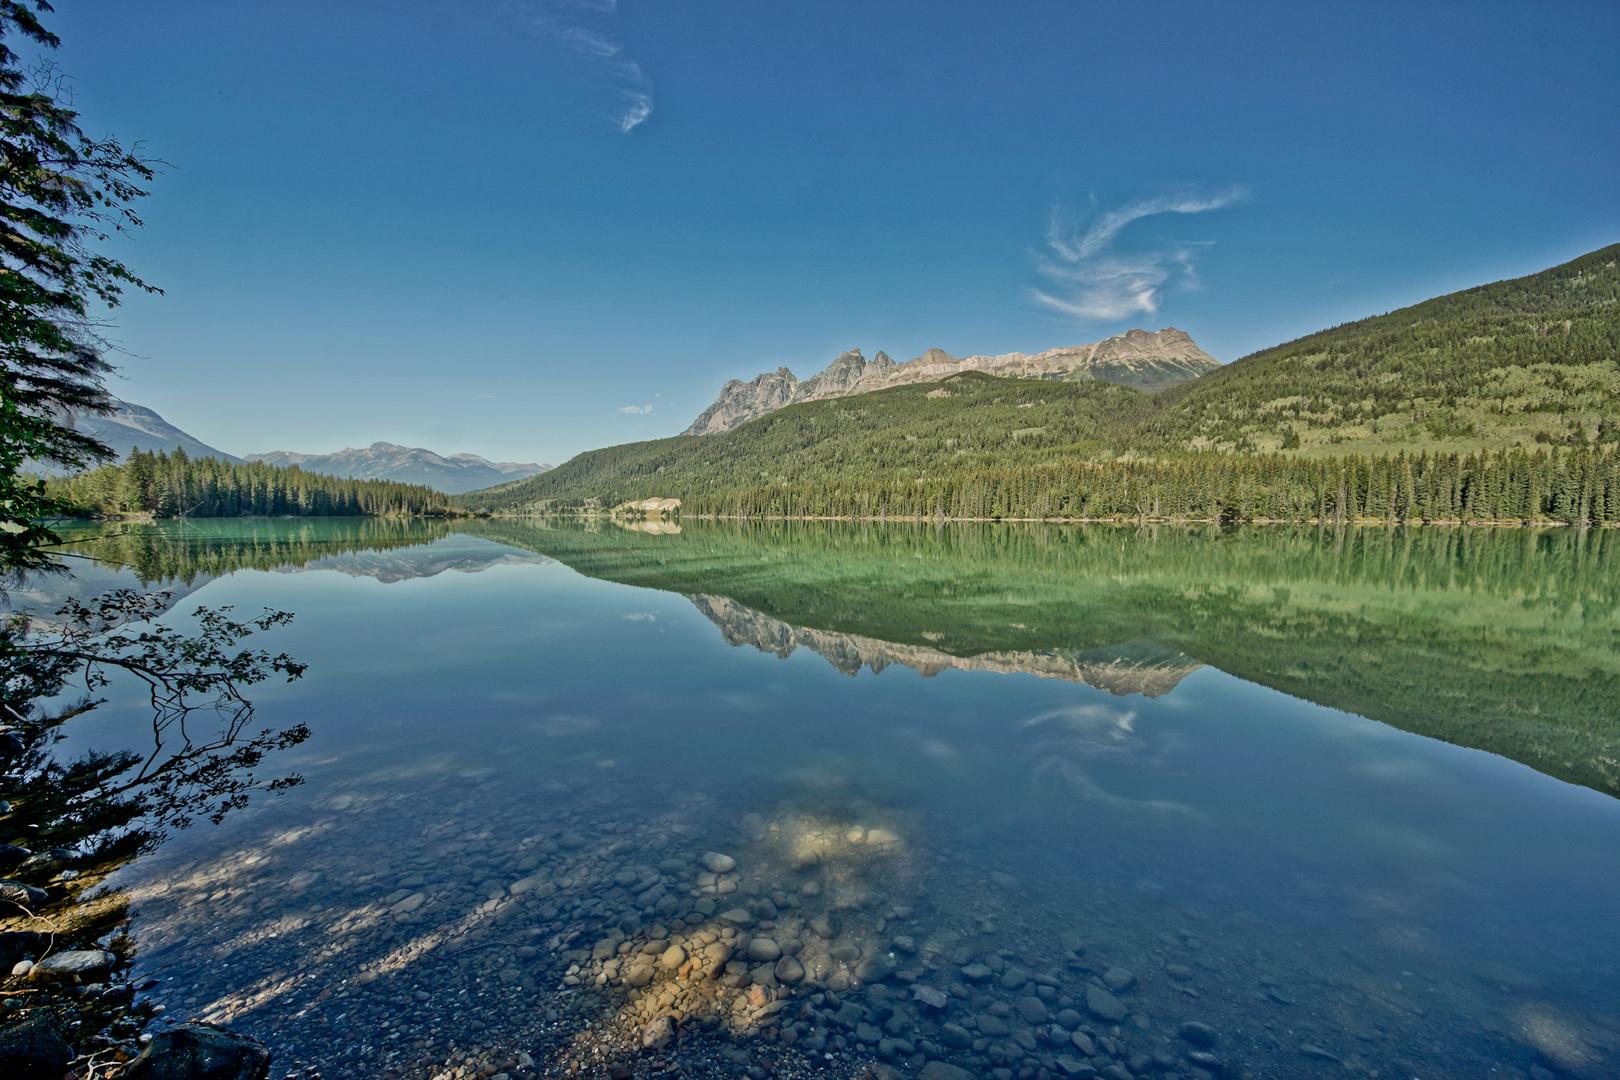 Yellowhead Lake - British Columbia